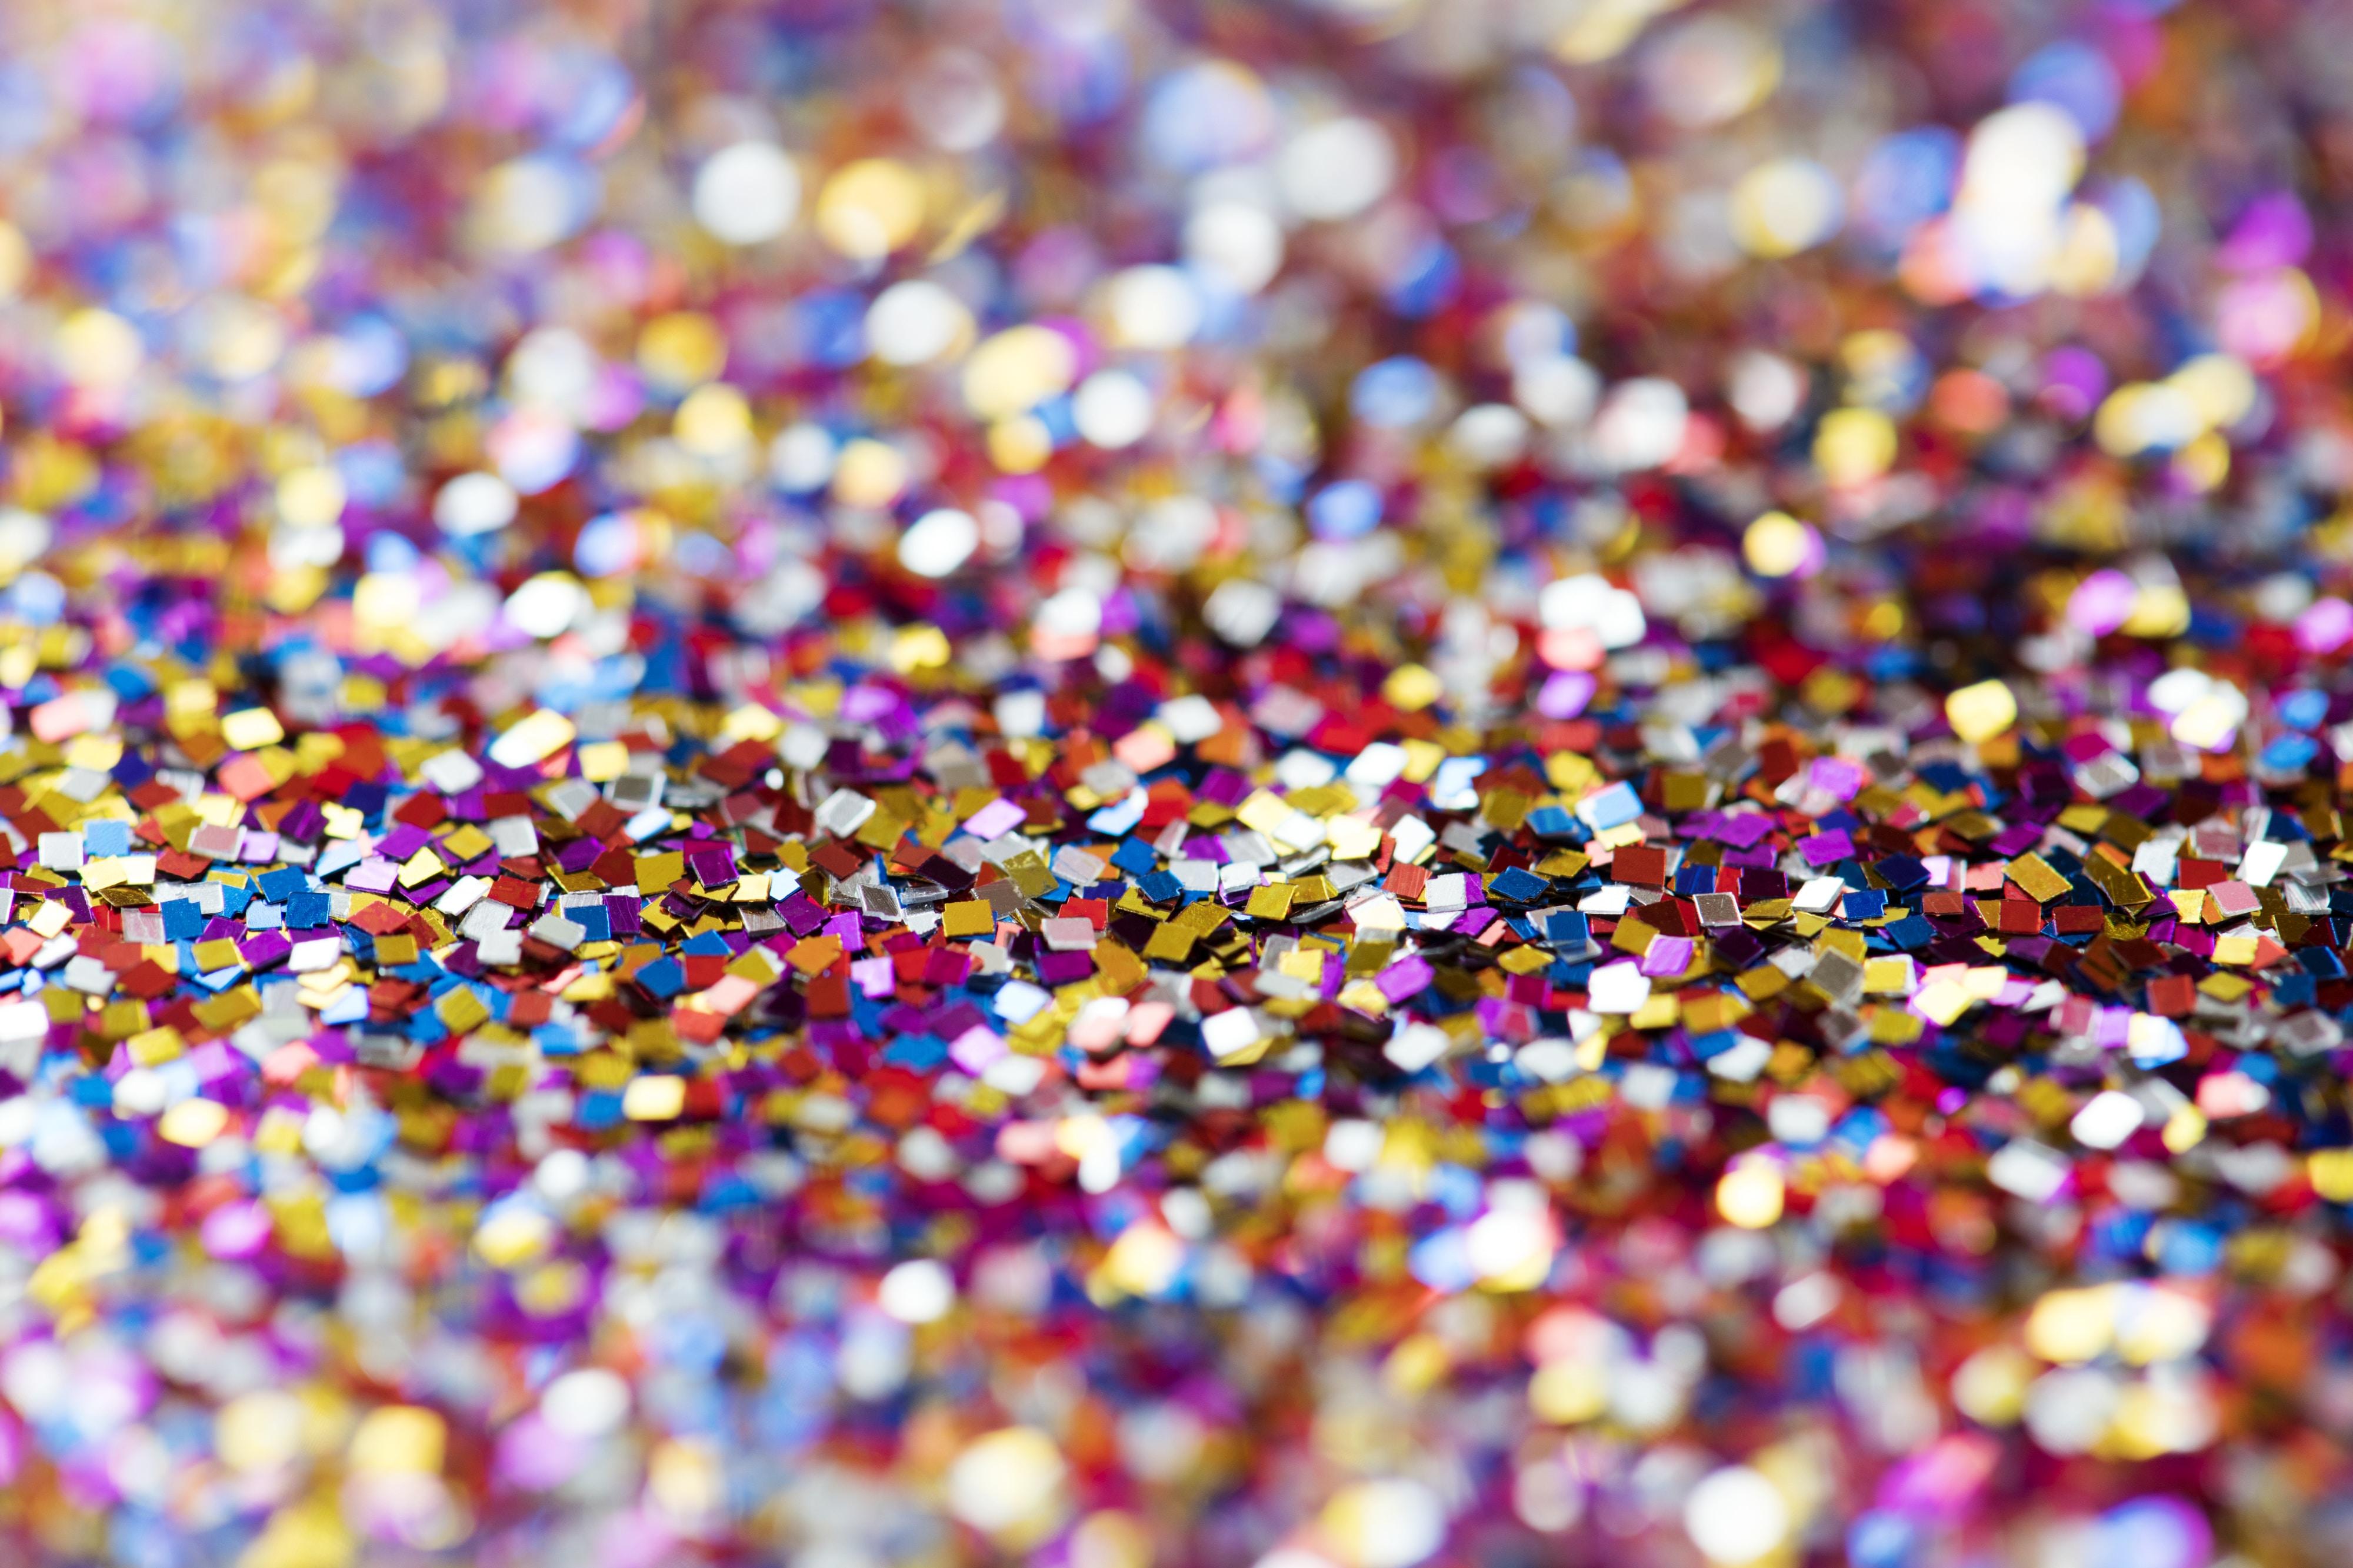 multicolored glitters